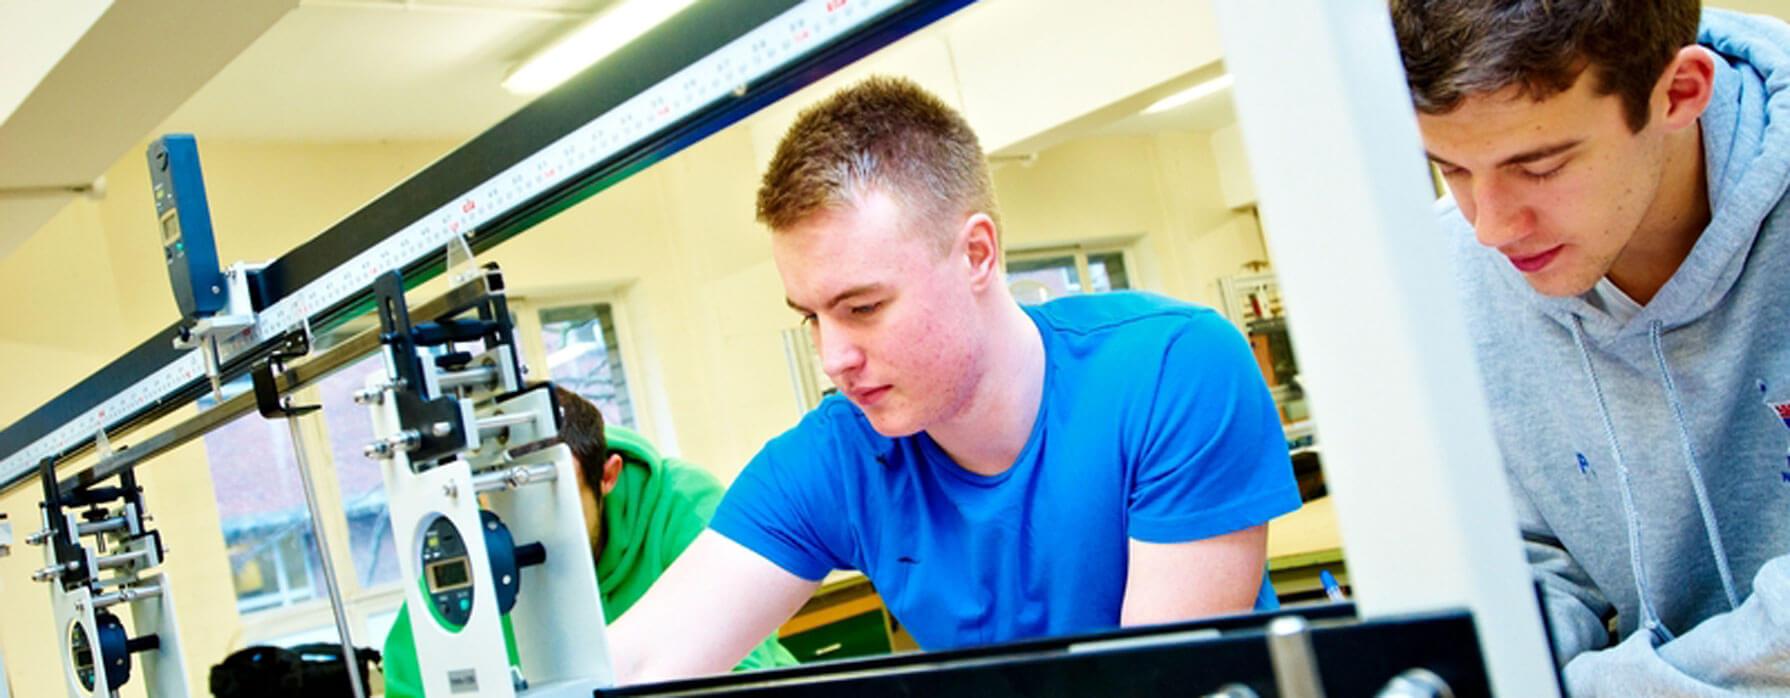 نکاتی درباره تحصیل در رشته های مهندسی در استرالیا